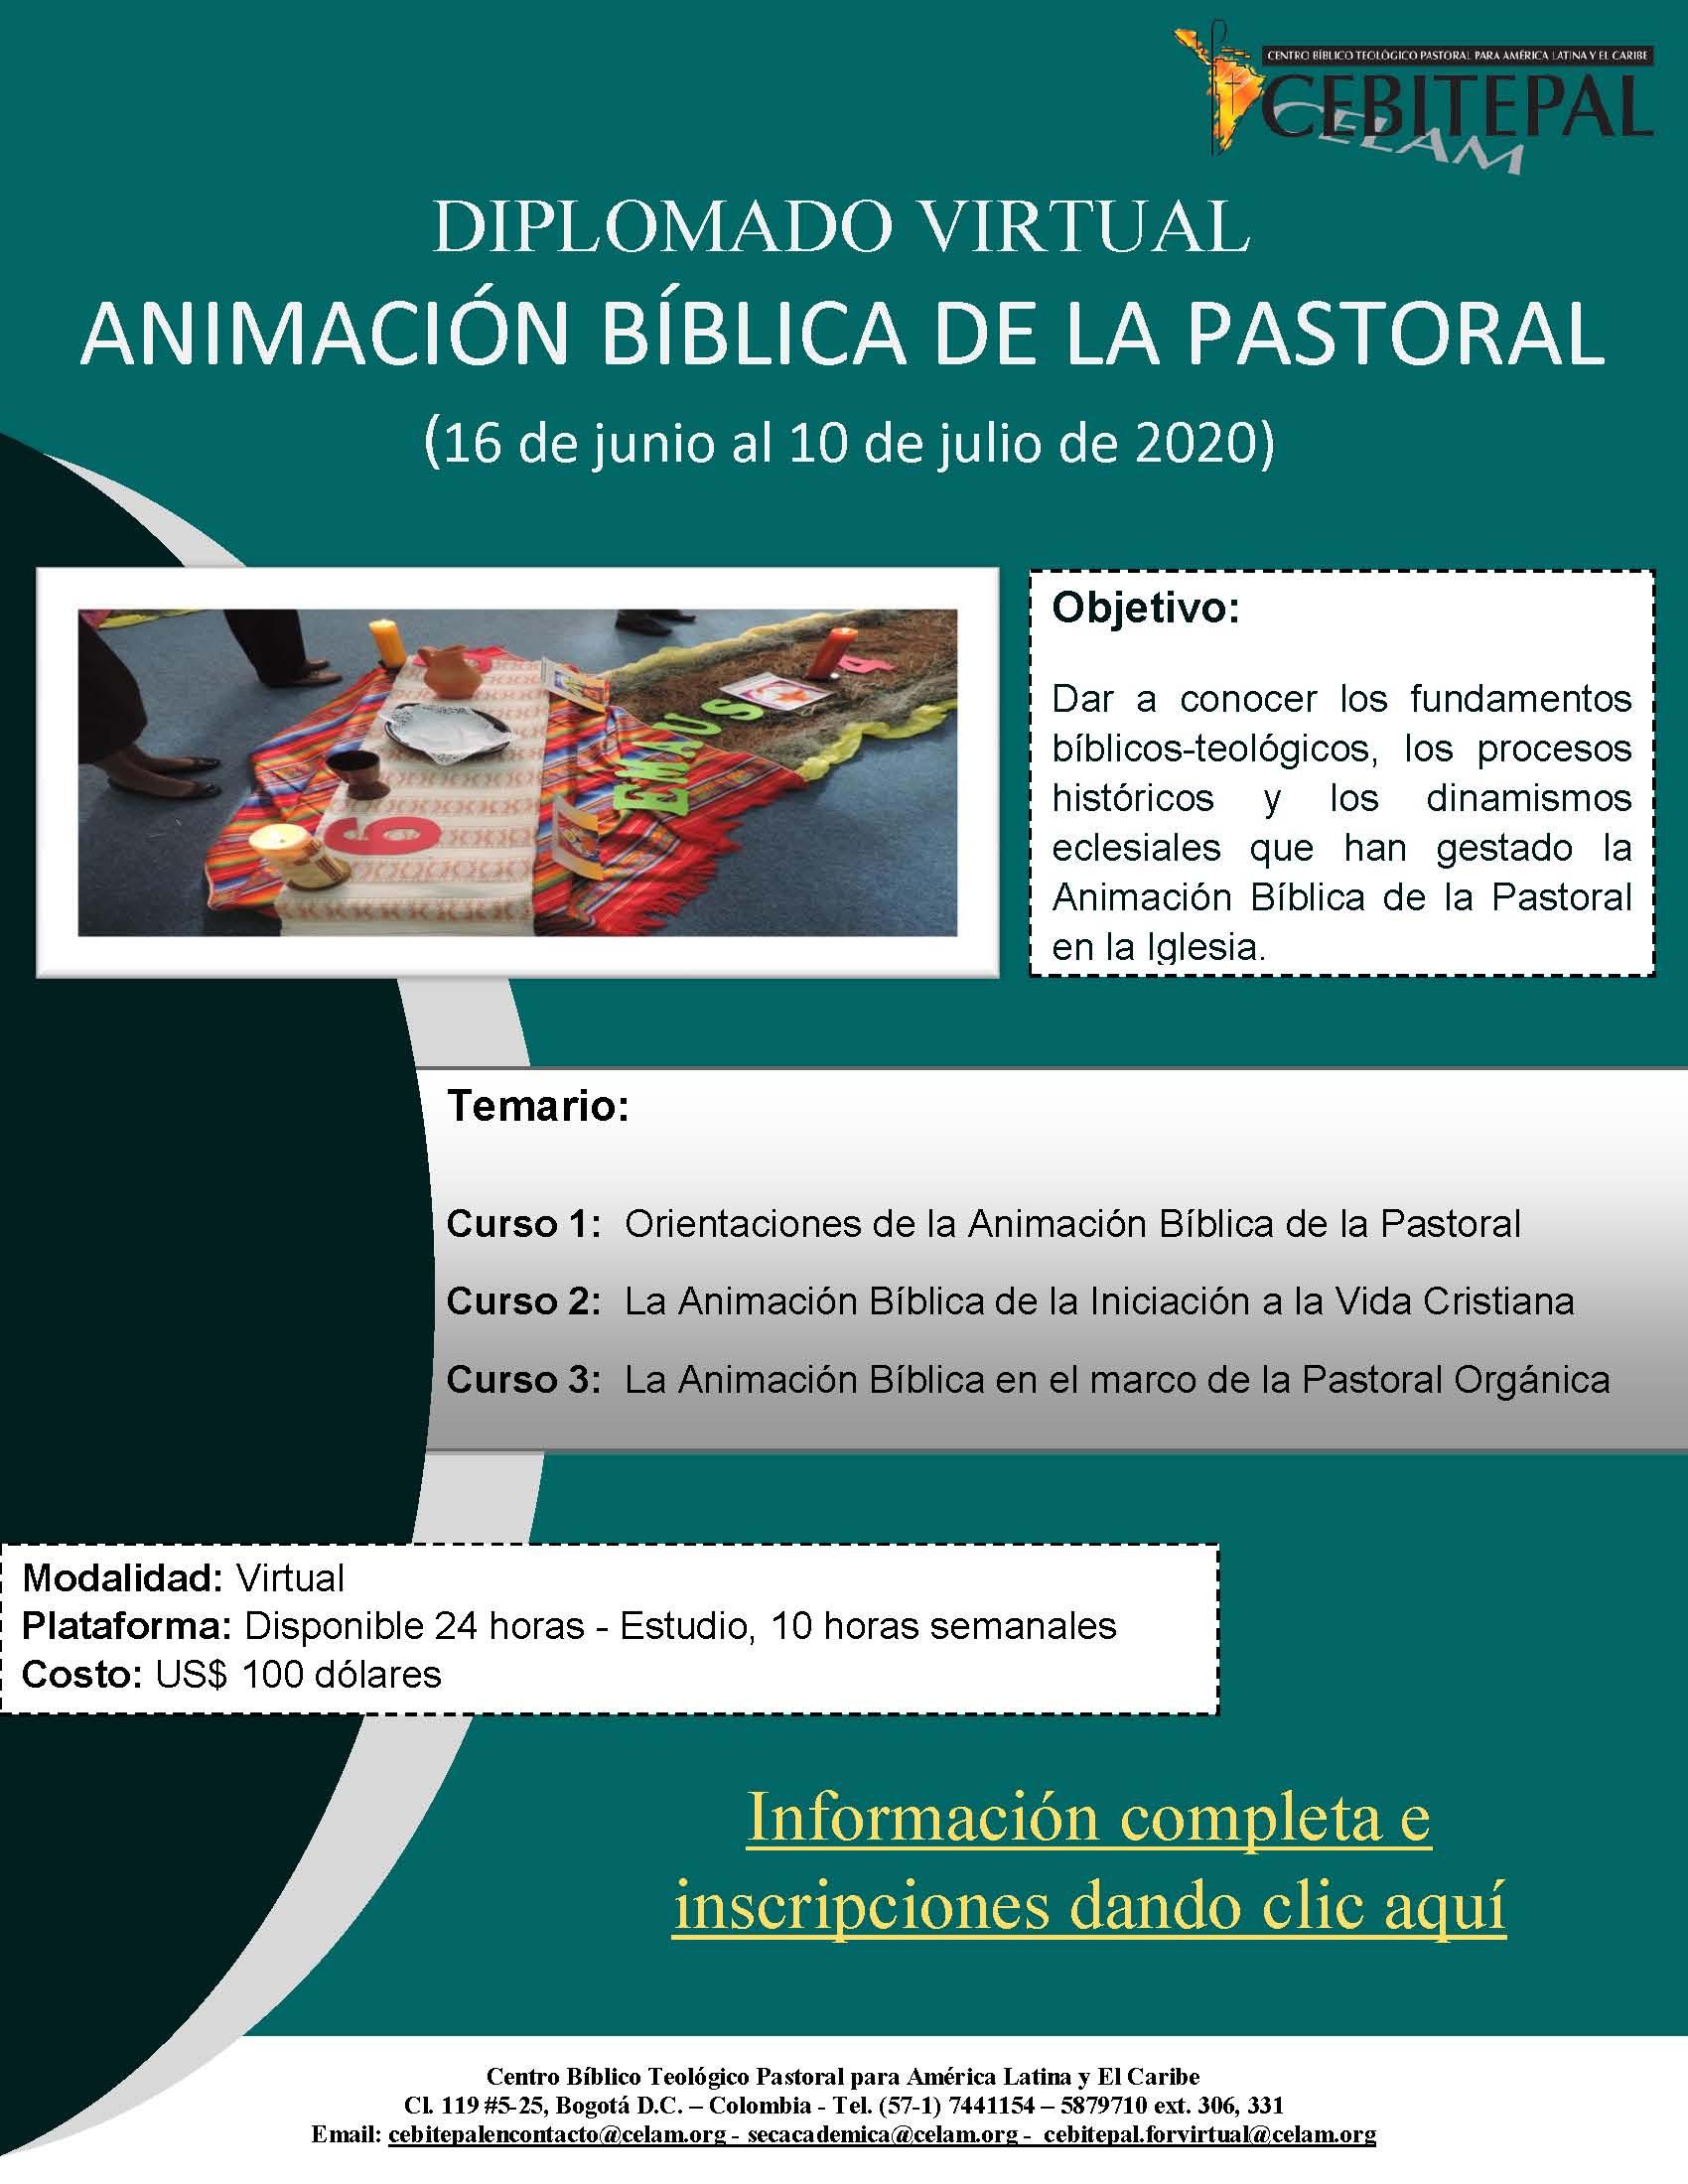 Animación Biblica